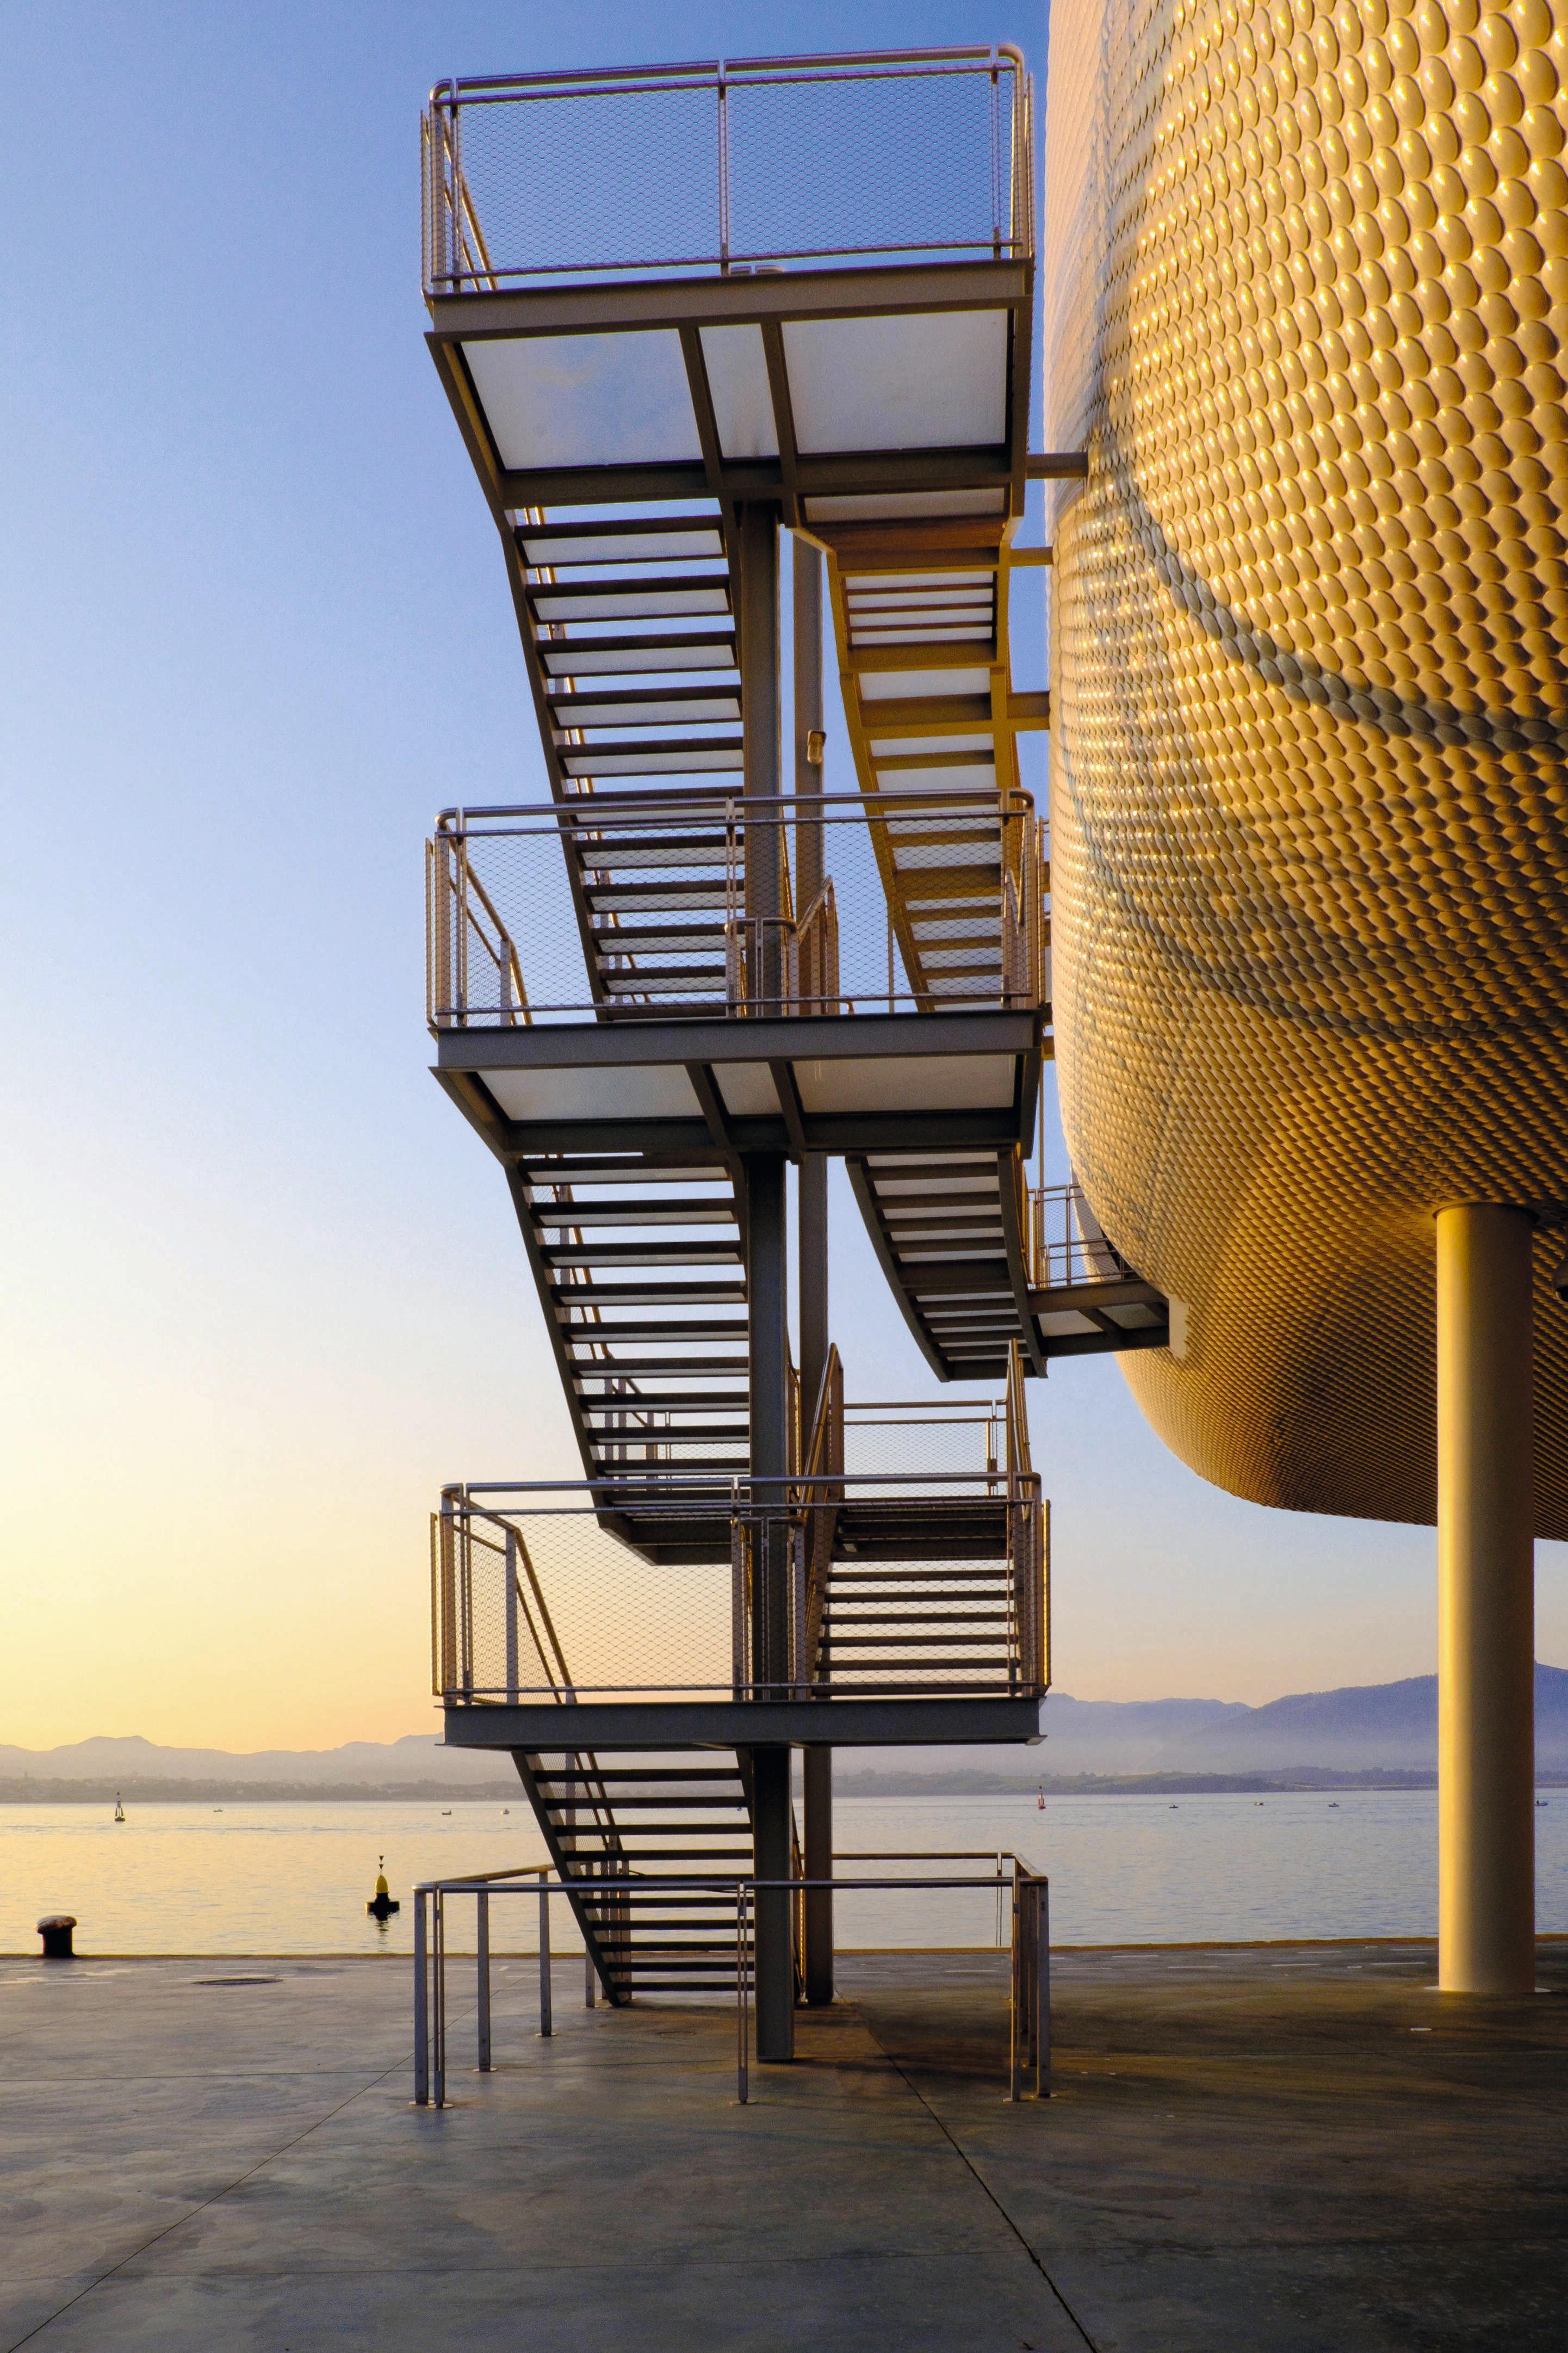 Escalera exterior del Centro Botín, diseñado por Renzo Piano, Santander, 2017.